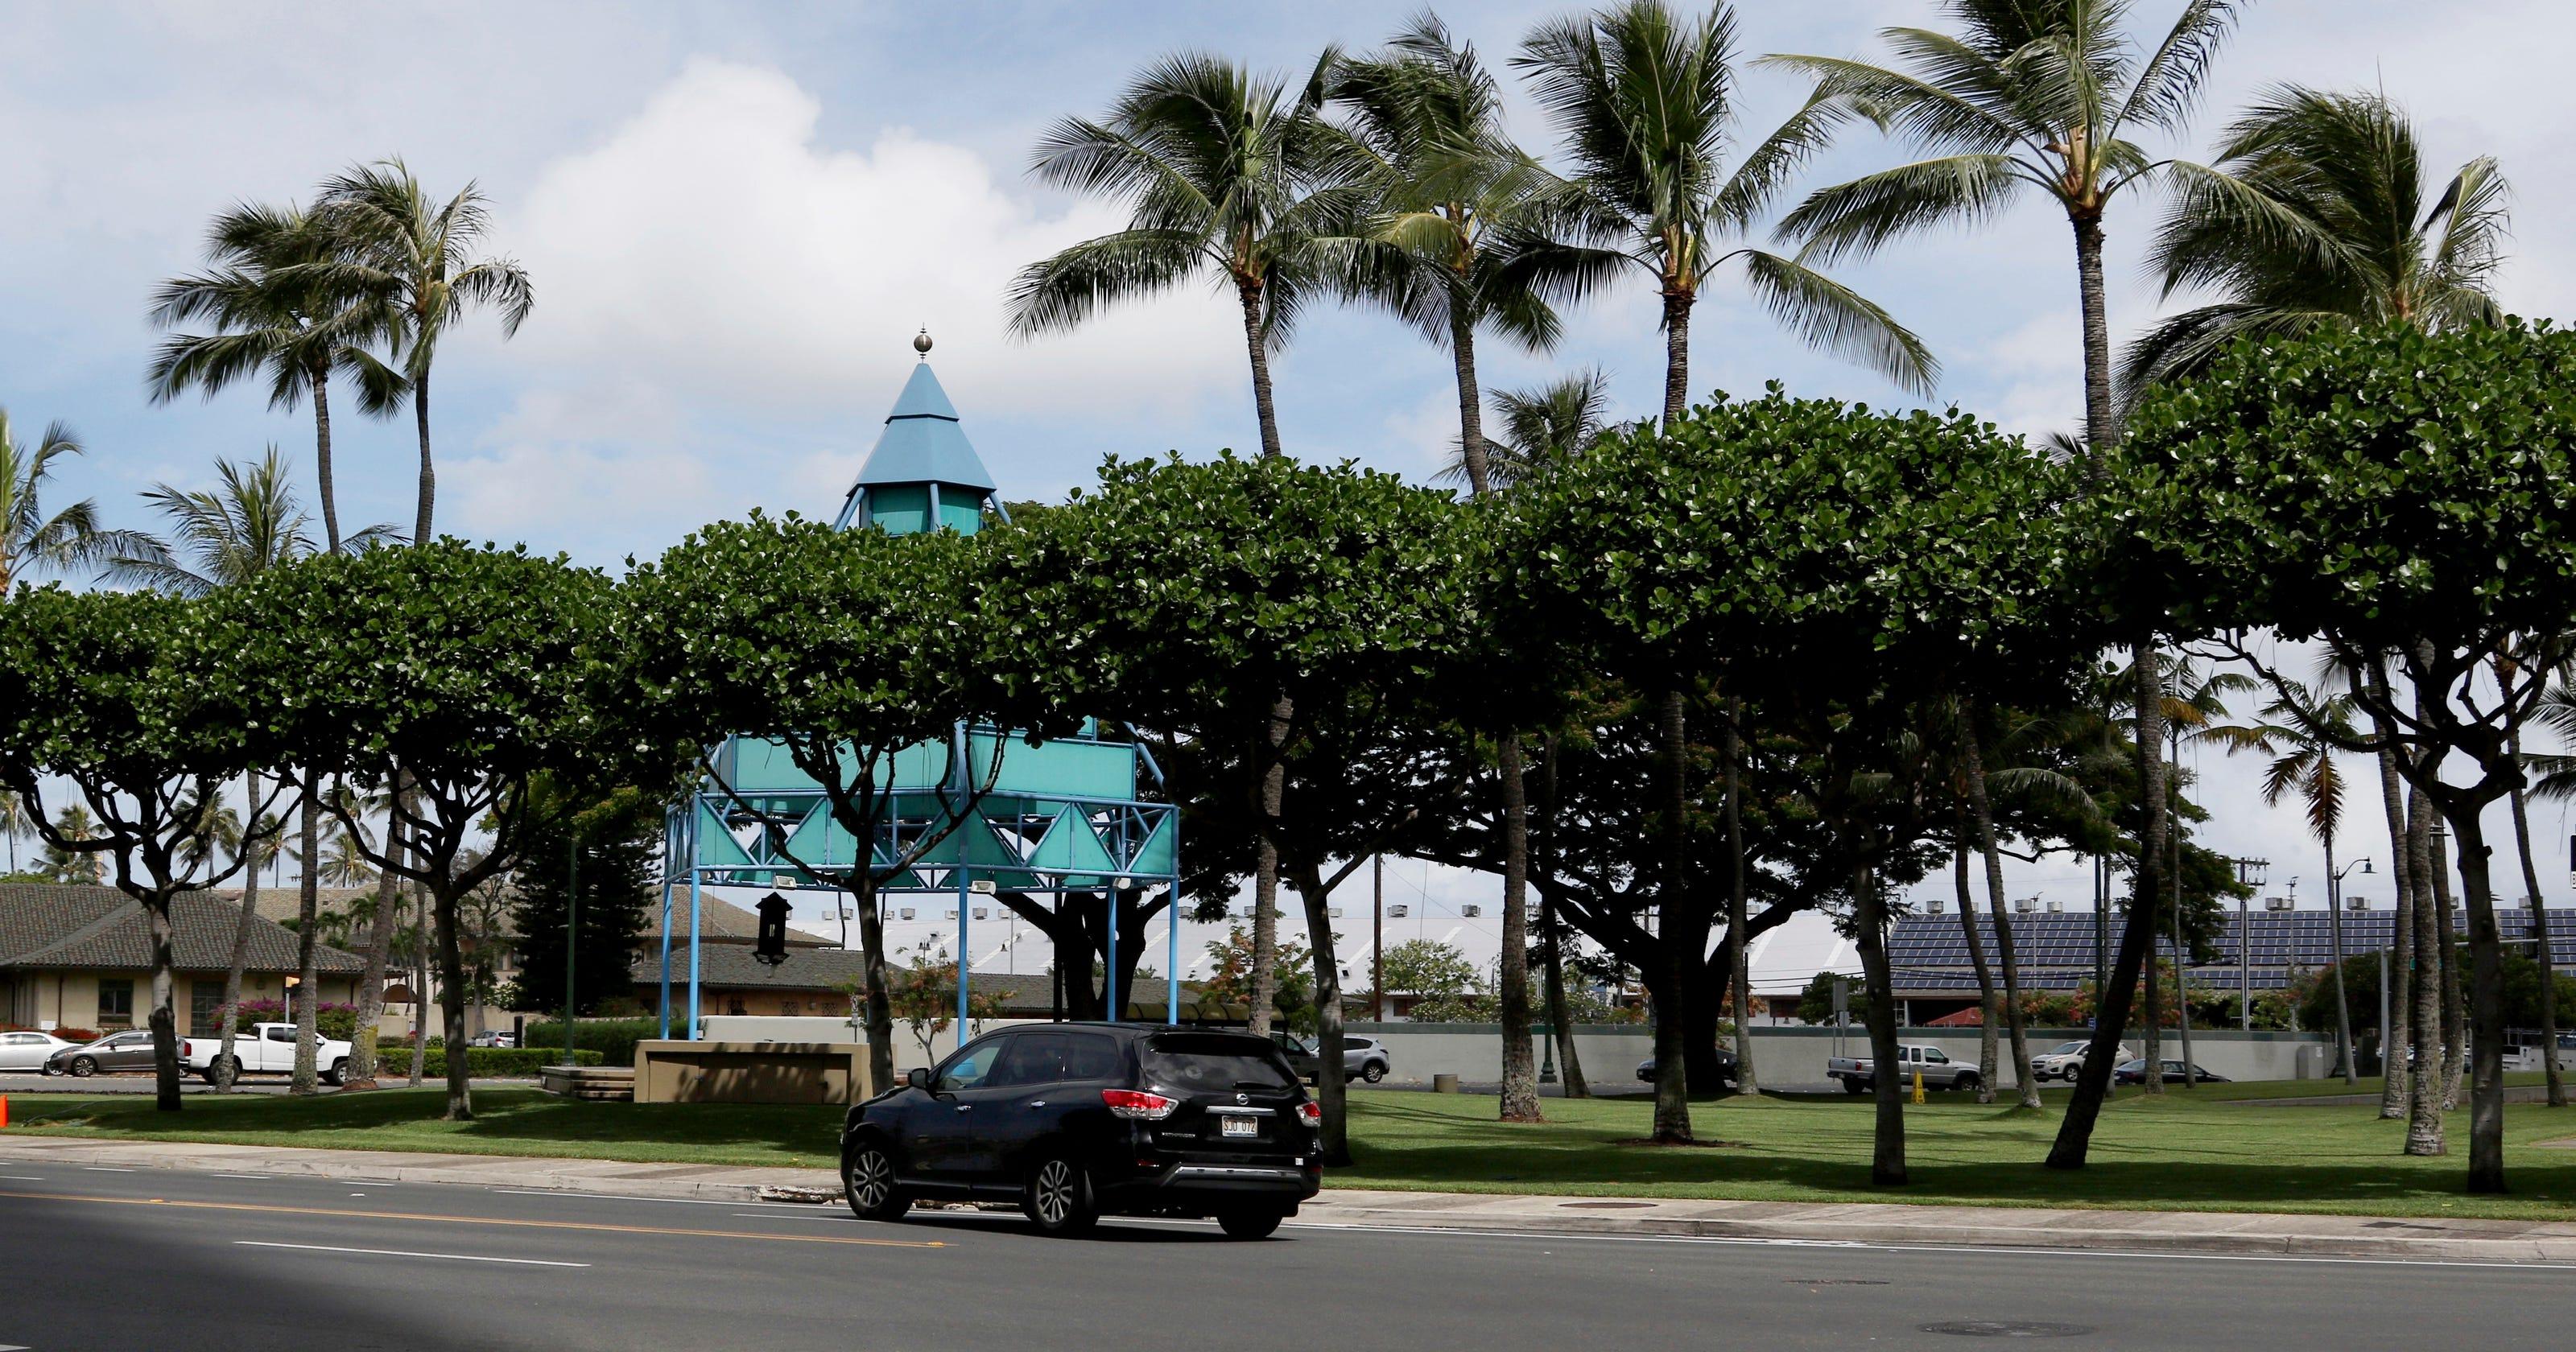 Uber decries ride-hailing price cap passed in Honolulu